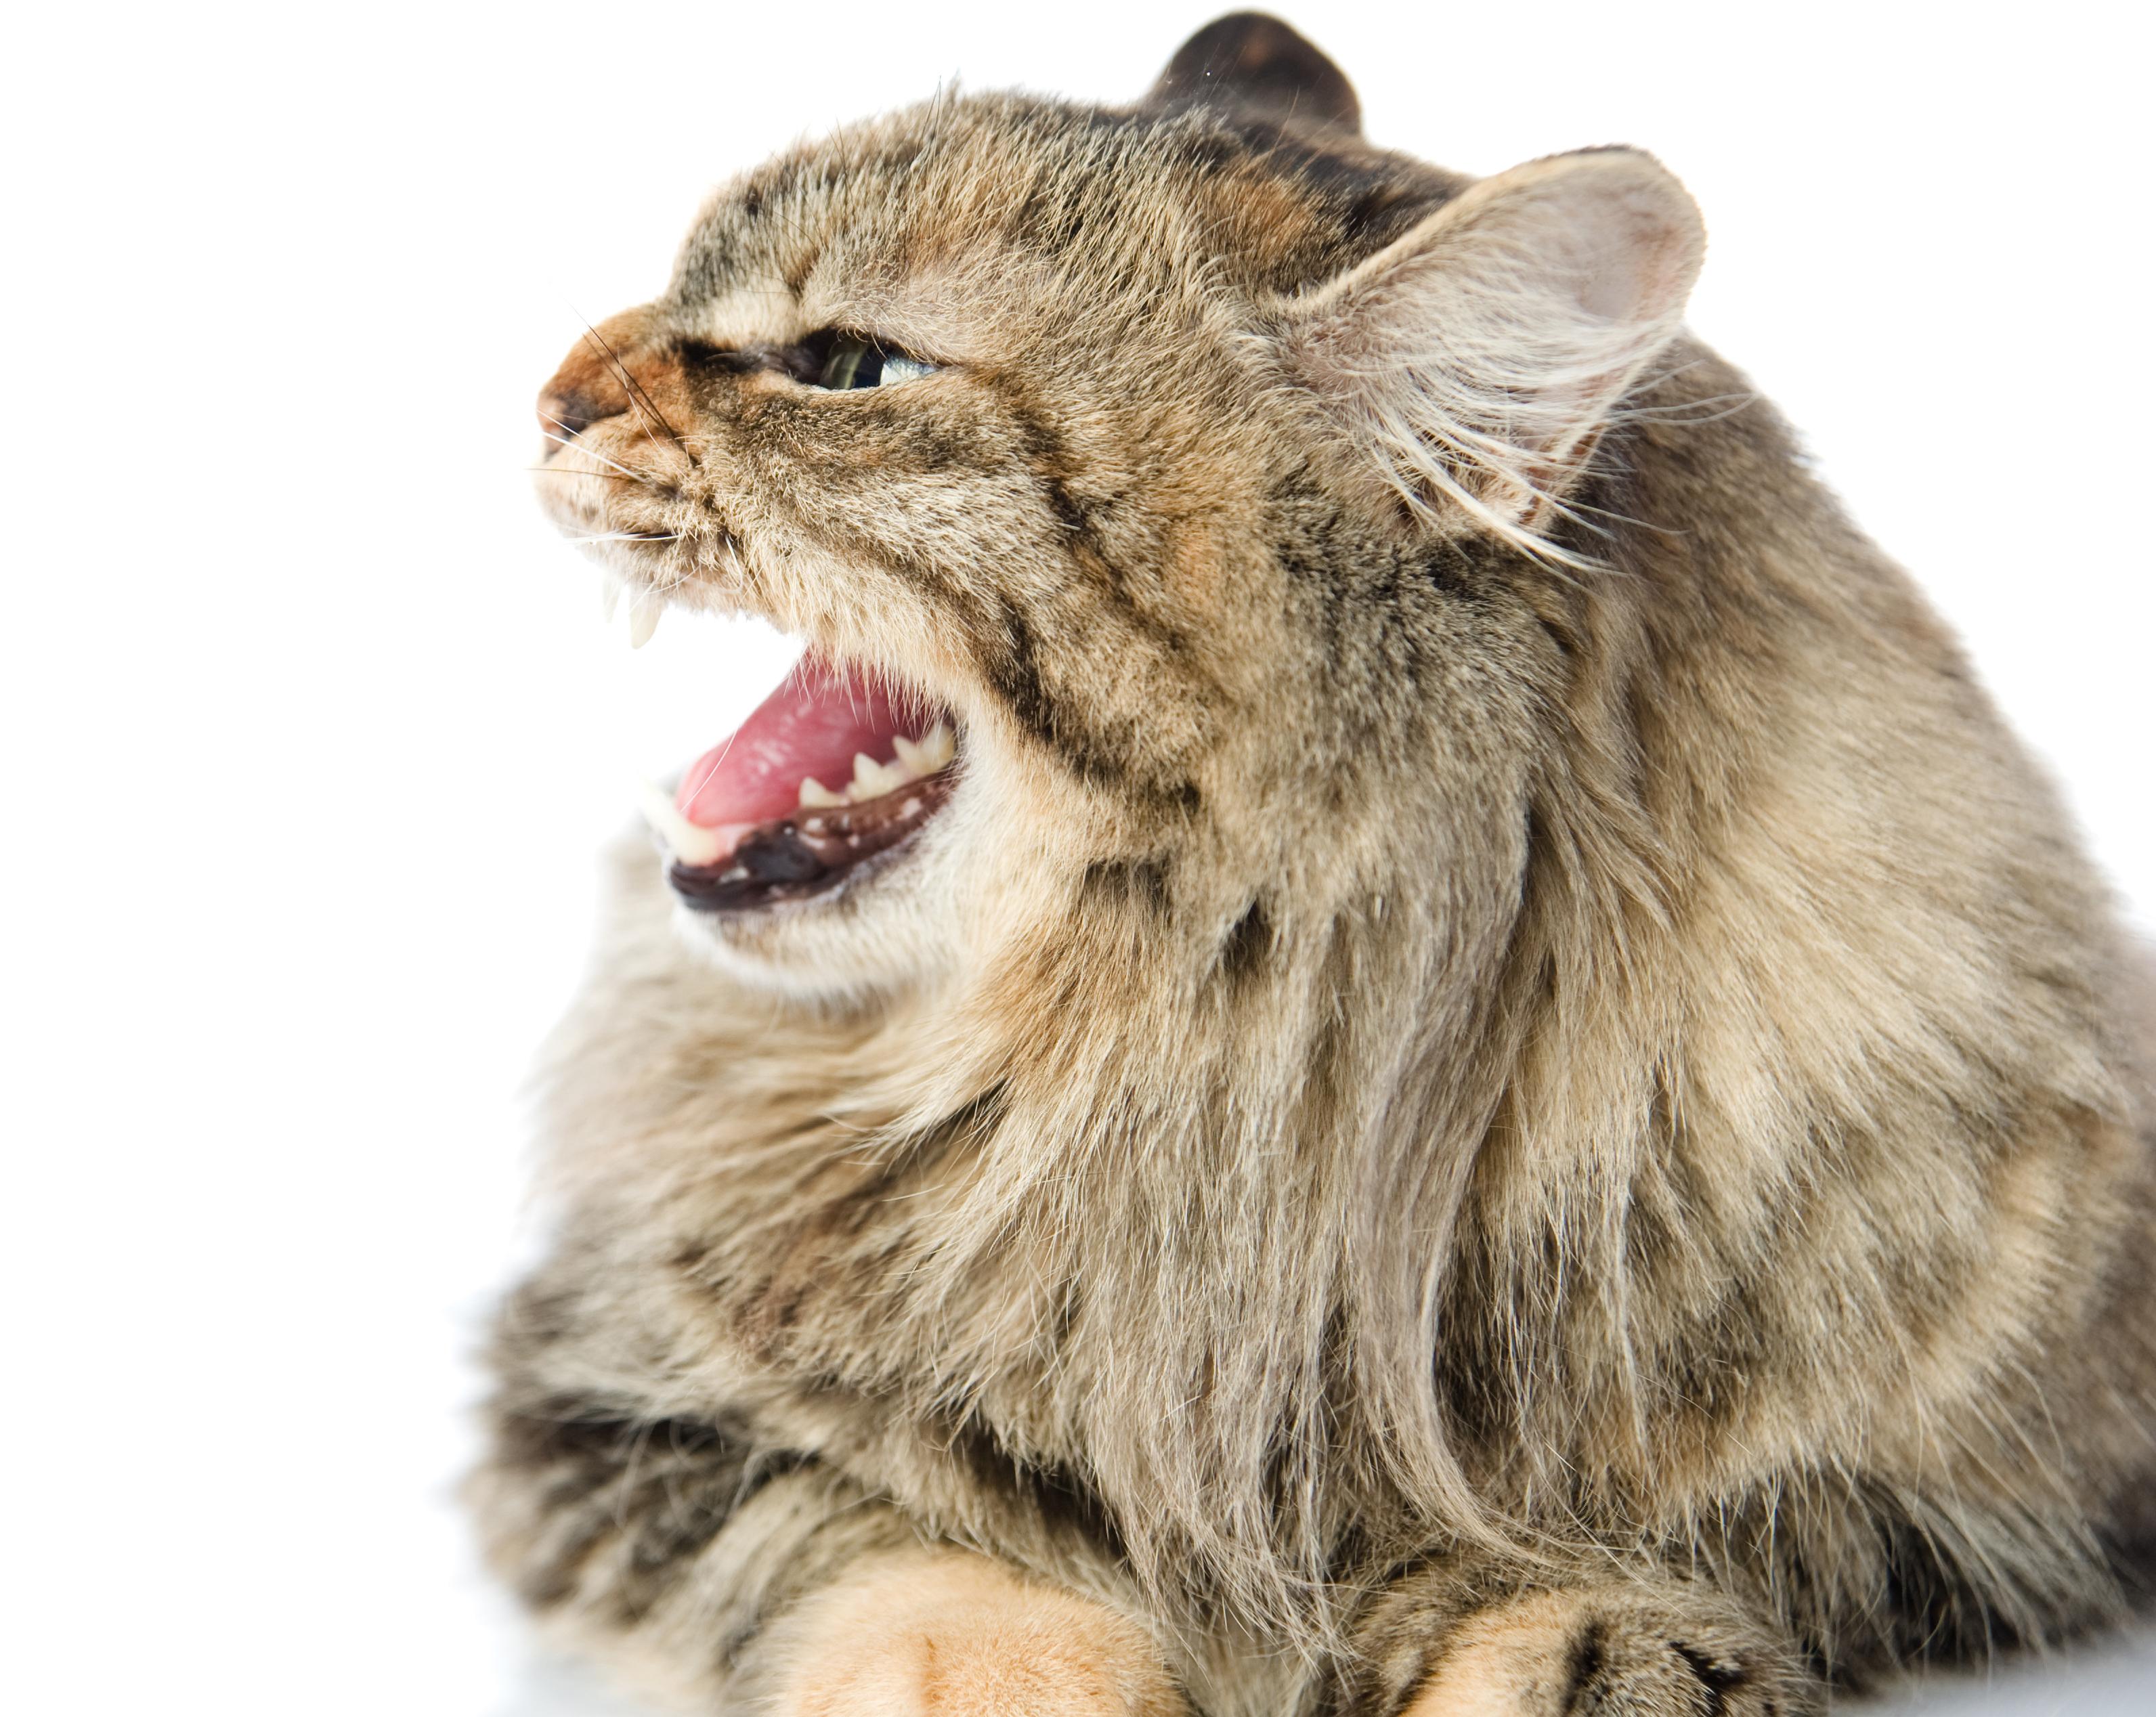 Symptoms of Cat Rabies